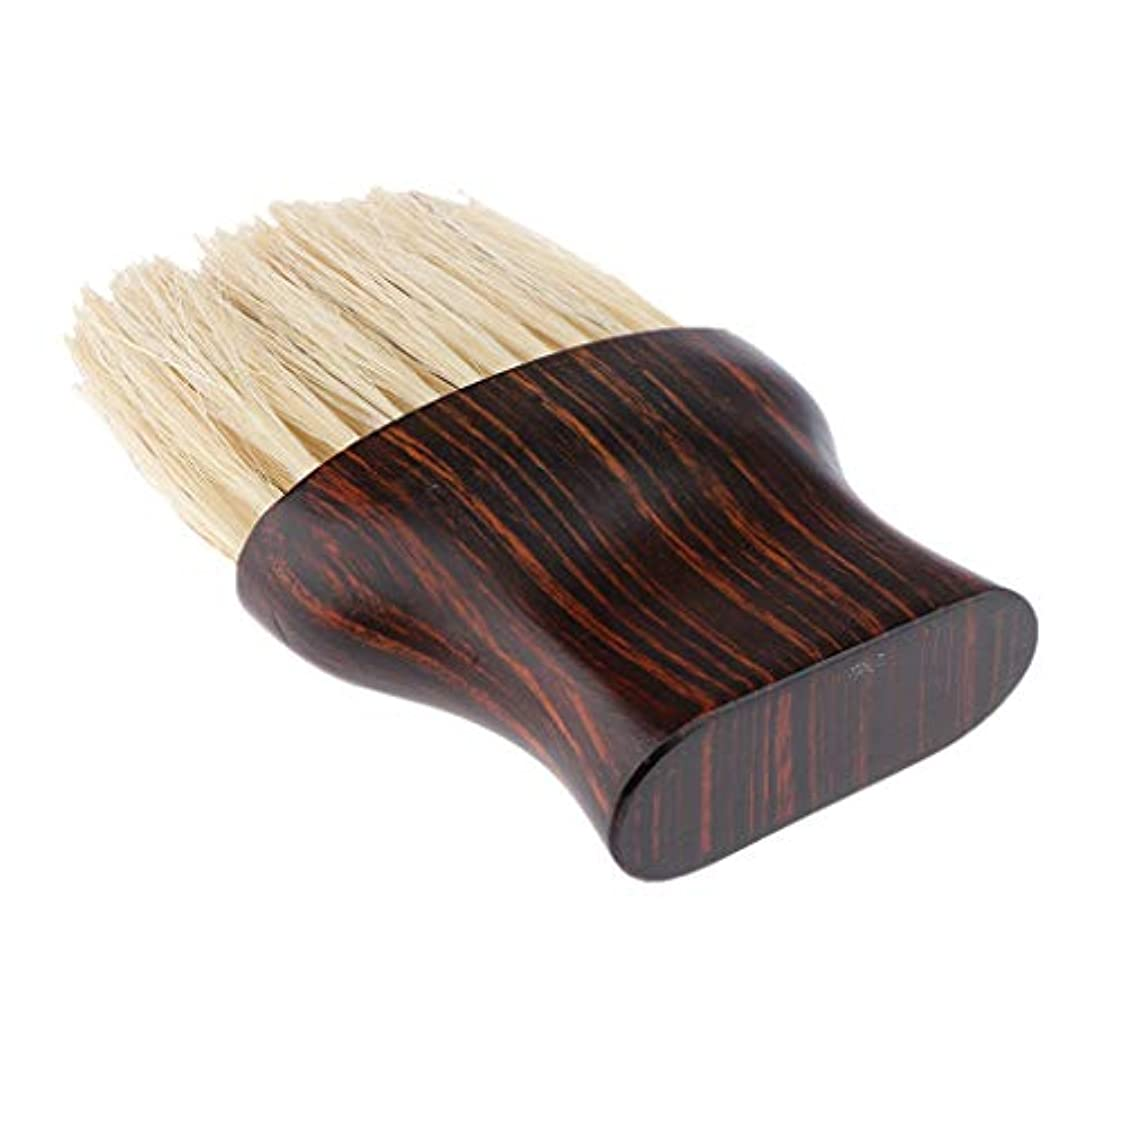 使役効率的何十人も毛払いブラシ ヘアブラシ 繊維毛 散髪 髪切り 散髪用ツール 床屋 理髪店 美容院 ソフトブラシ